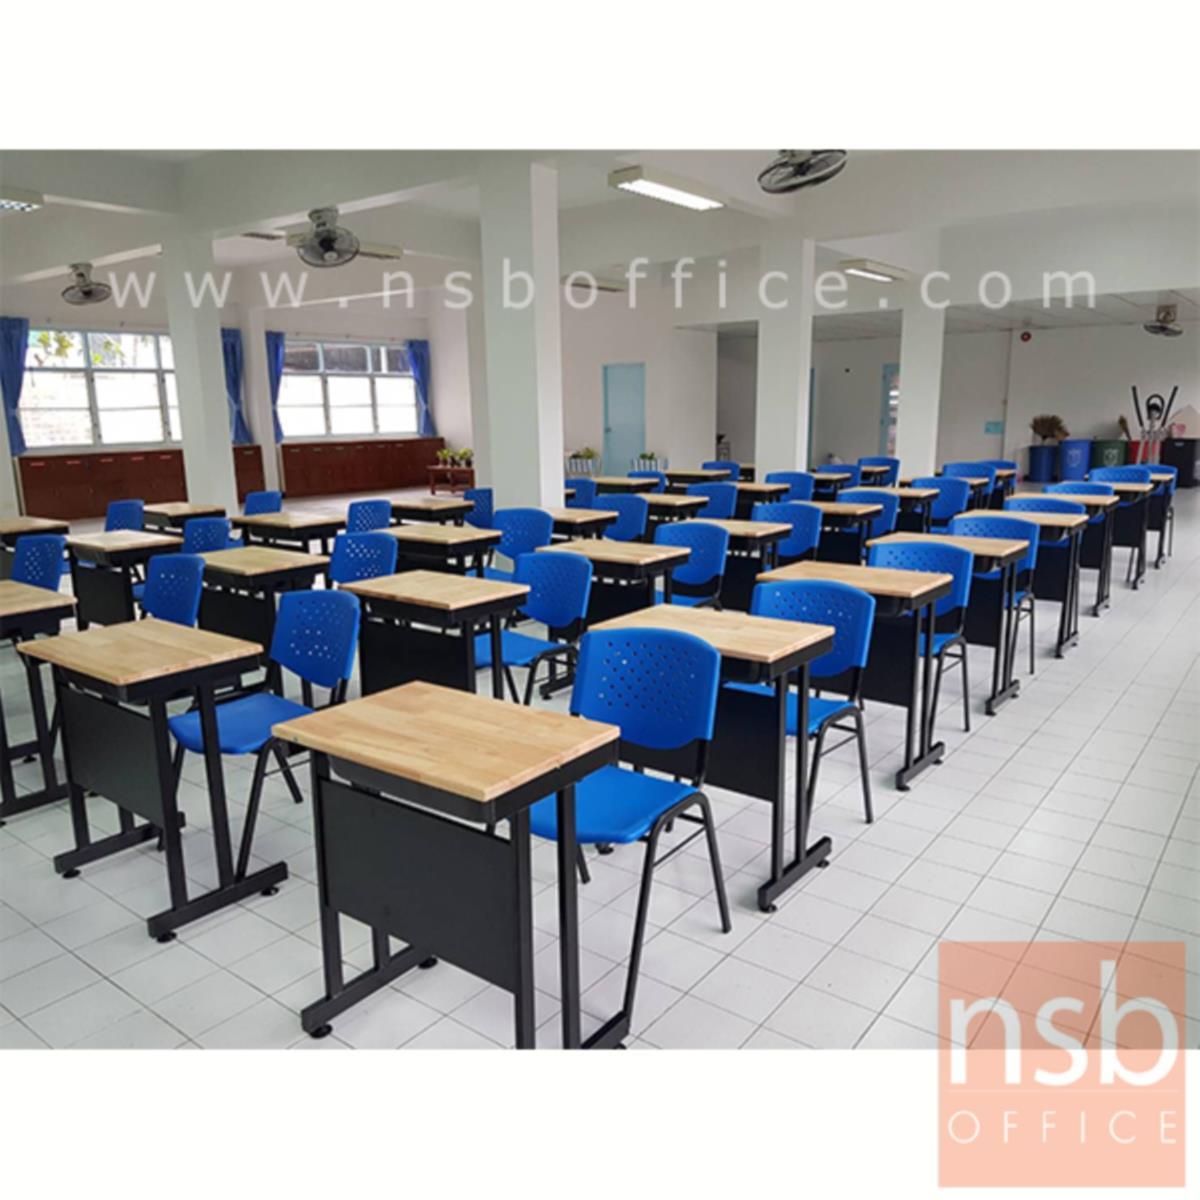 A17A050:ชุดโต๊ะและเก้าอี้นักเรียน  รุ่น KN-5330  ระดับประถม-มัธยม